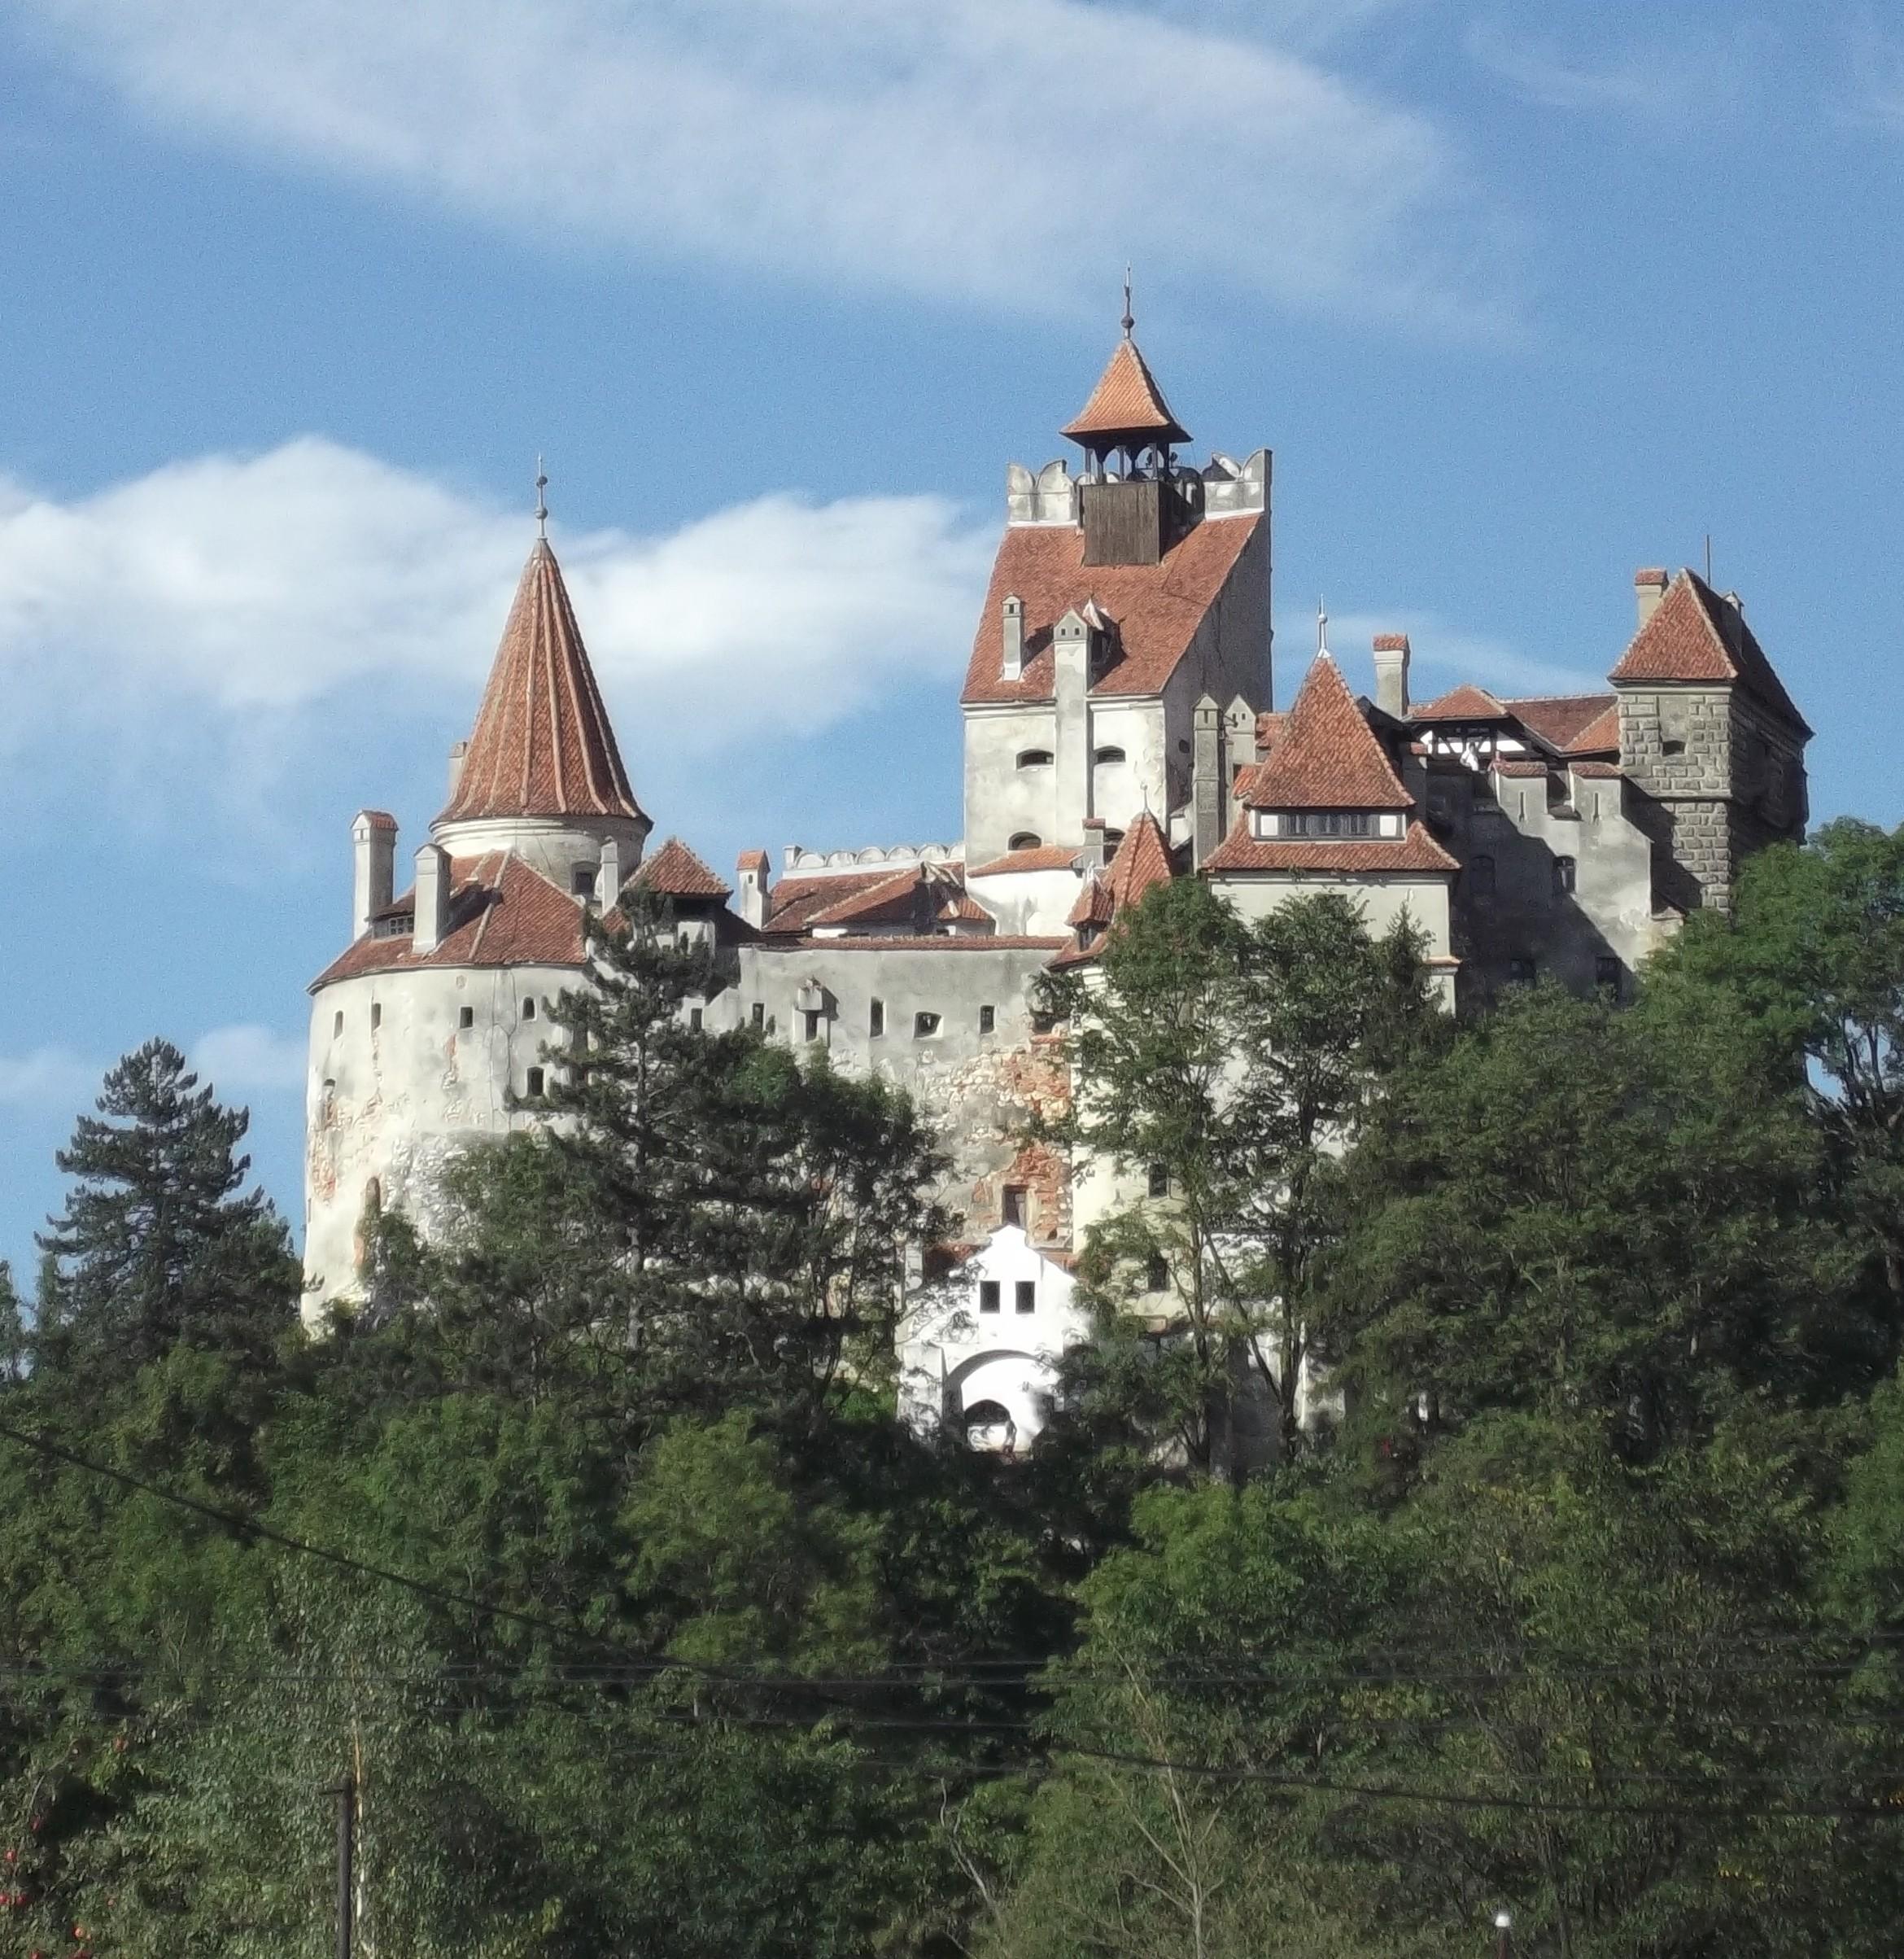 Castelul_Bran_-_2012.jpg